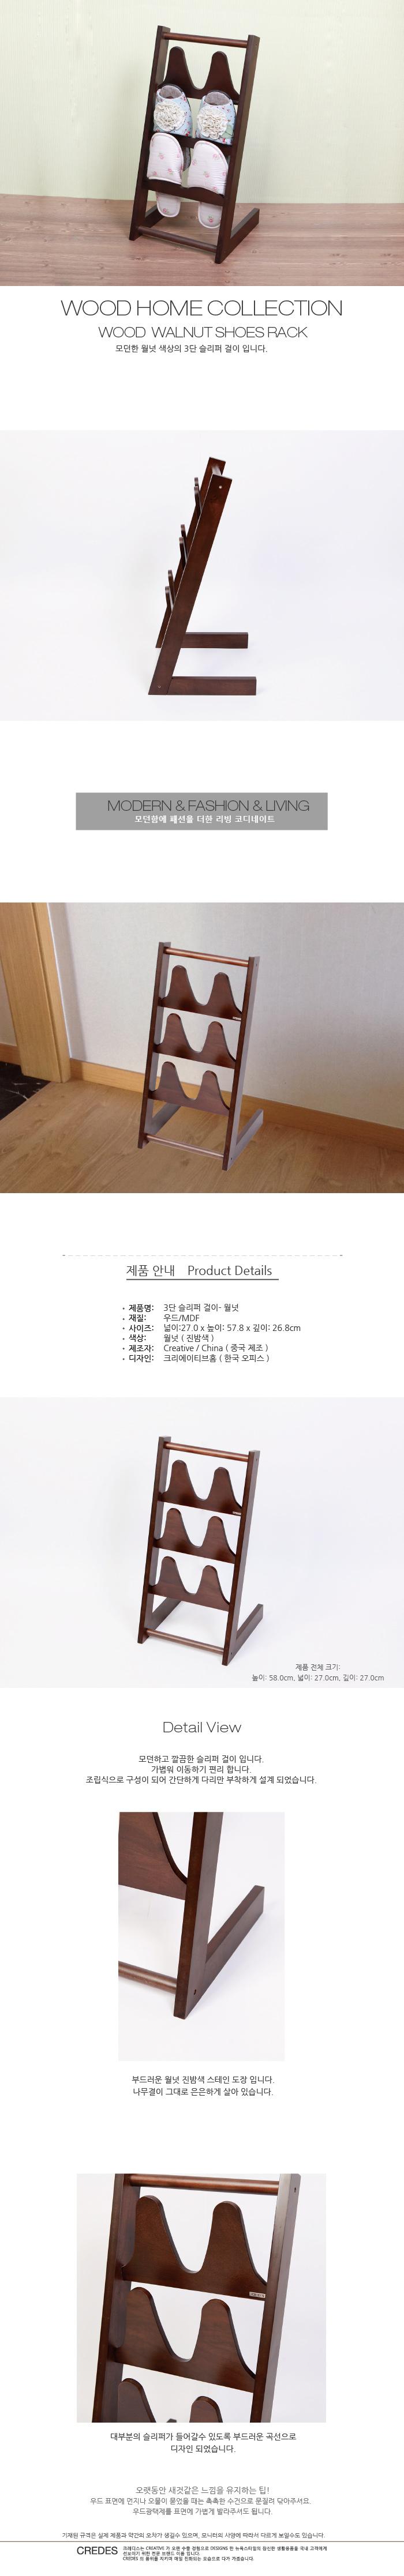 3단 우드 월넛 실내화 걸이 - 크레디스, 25,000원, 수납/선반장, 신발정리대/신발장